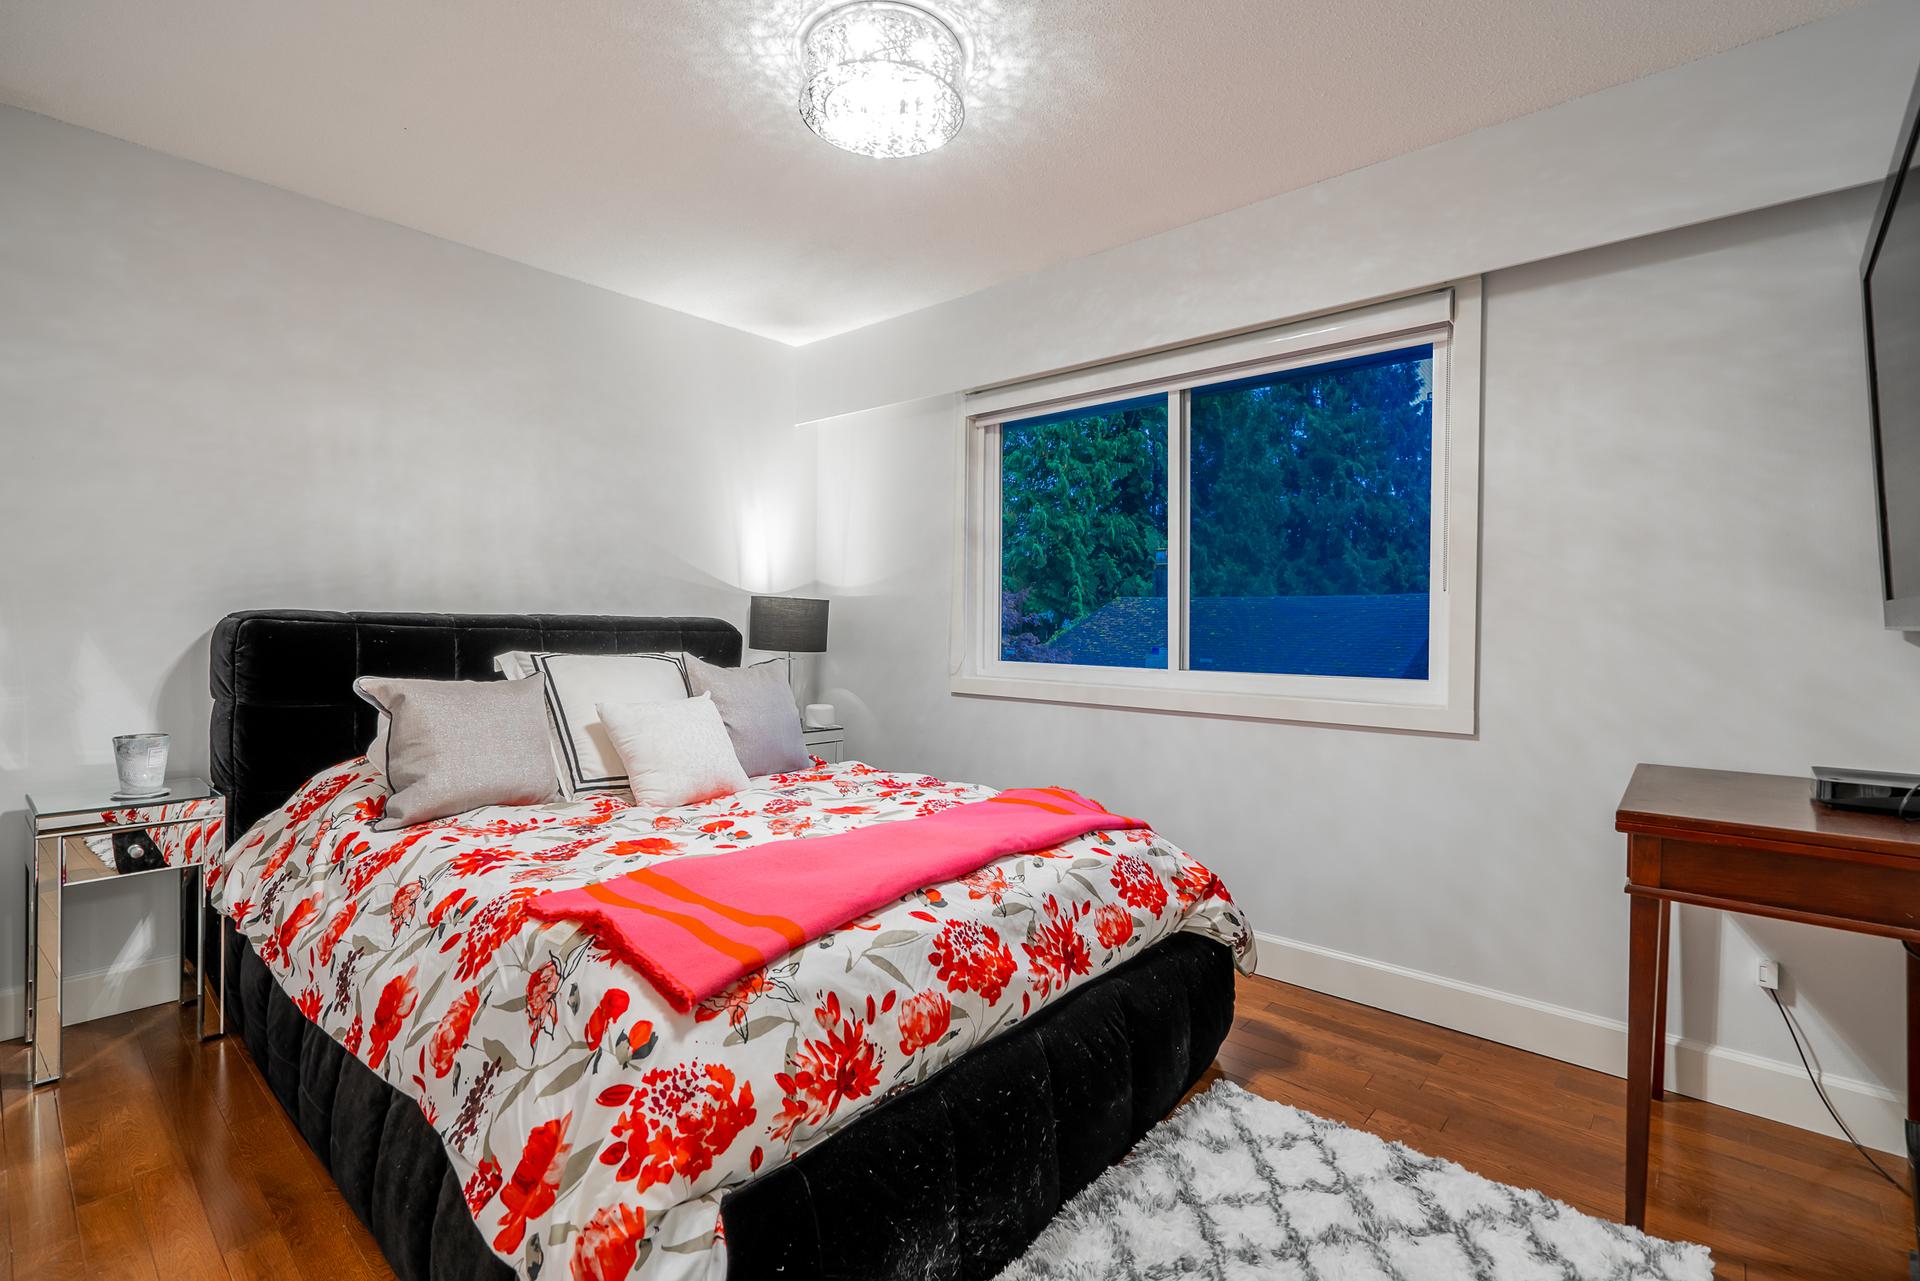 3682-mcewen-avenue-north-vancouver-17 at 3682 Mcewen Avenue, Lynn Valley, North Vancouver